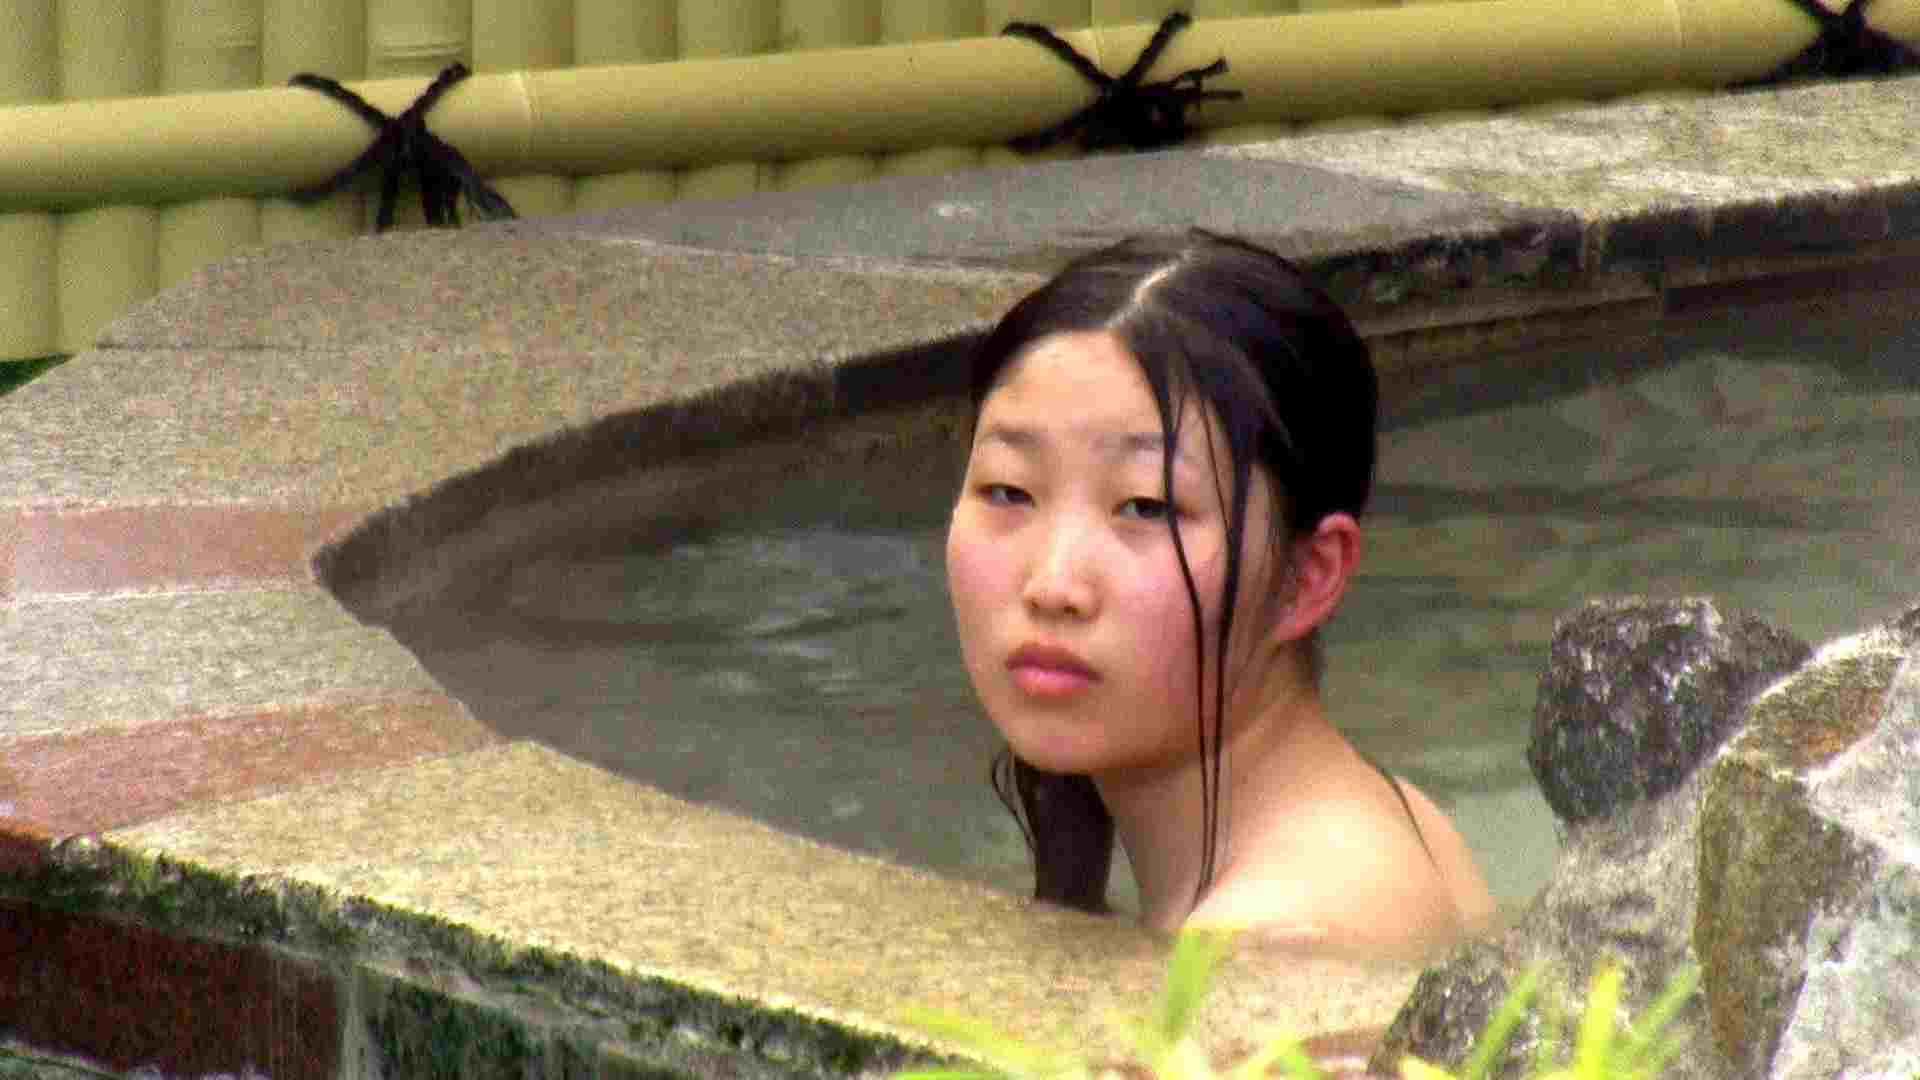 Aquaな露天風呂Vol.218 露天  81PICs 45